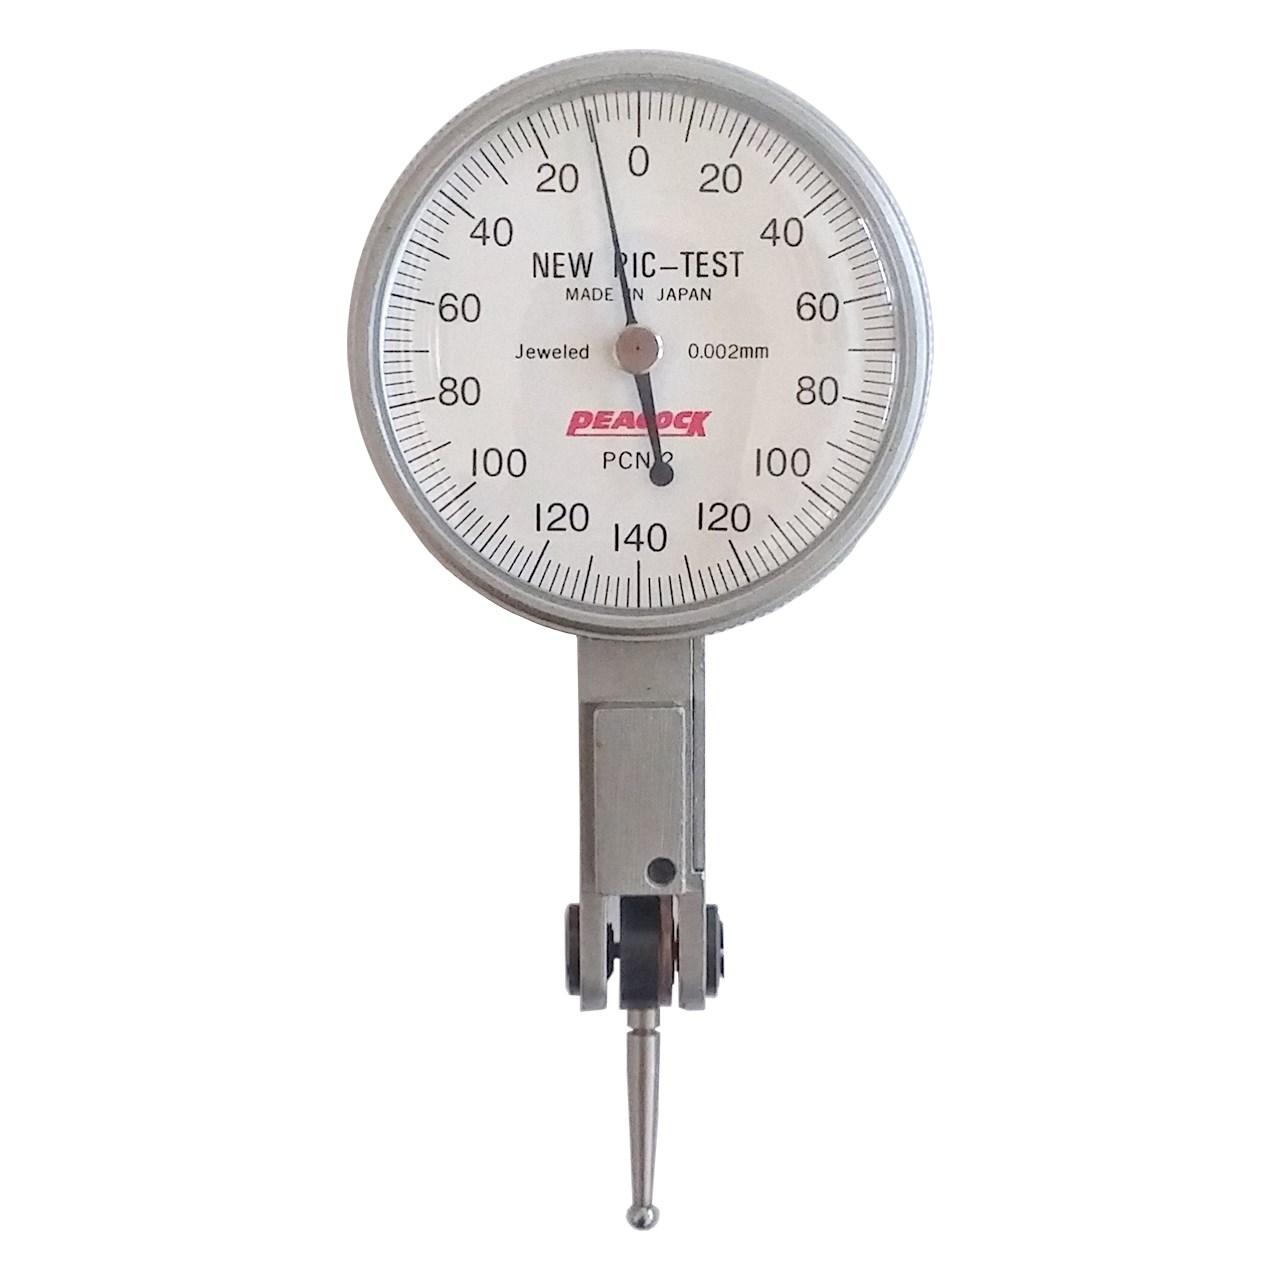 ساعت اندیکاتور پیکاک کد PCN2 گستره 0.28 -0 میلیمتر